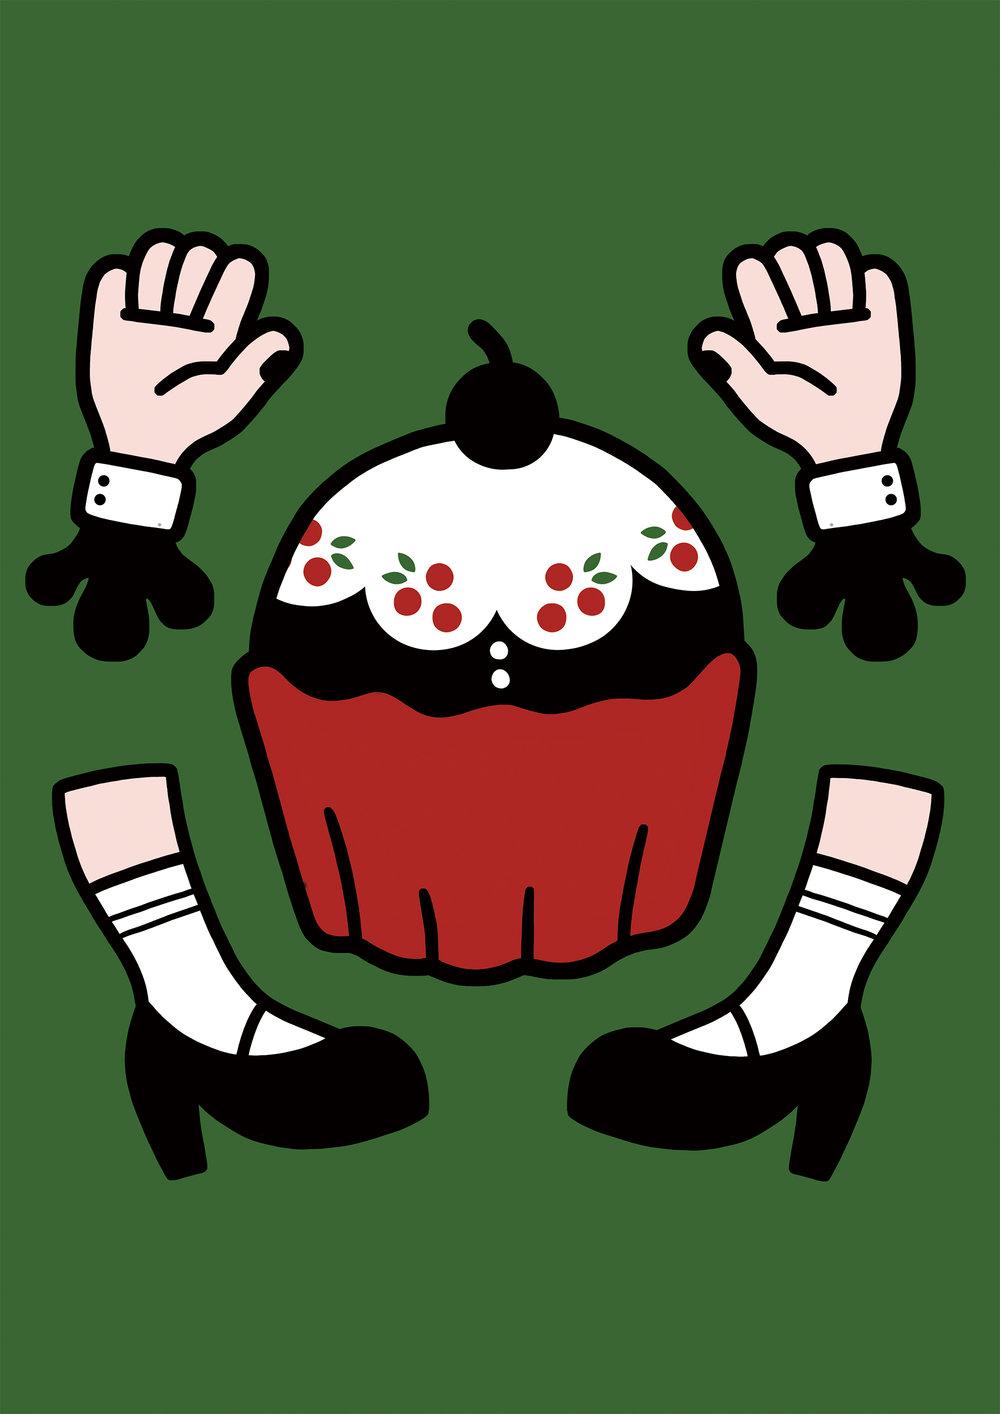 3_Cupcake.jpg